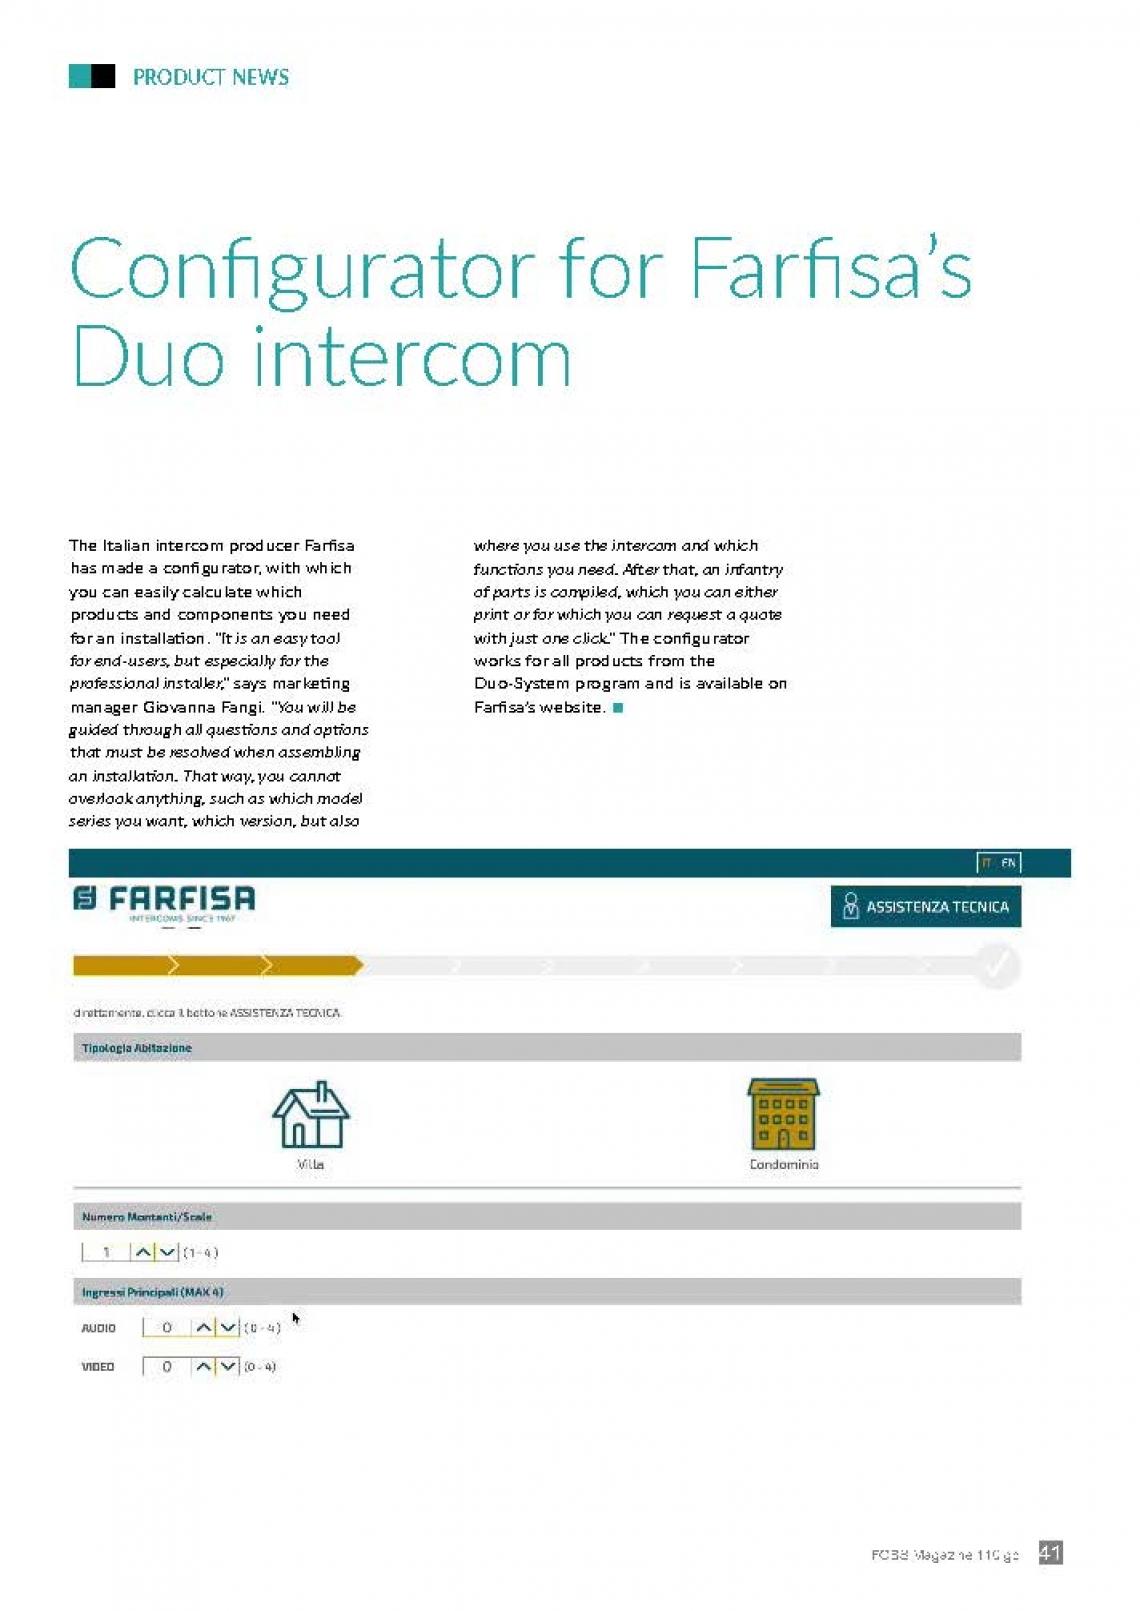 Configurator for Farfisa's Duo